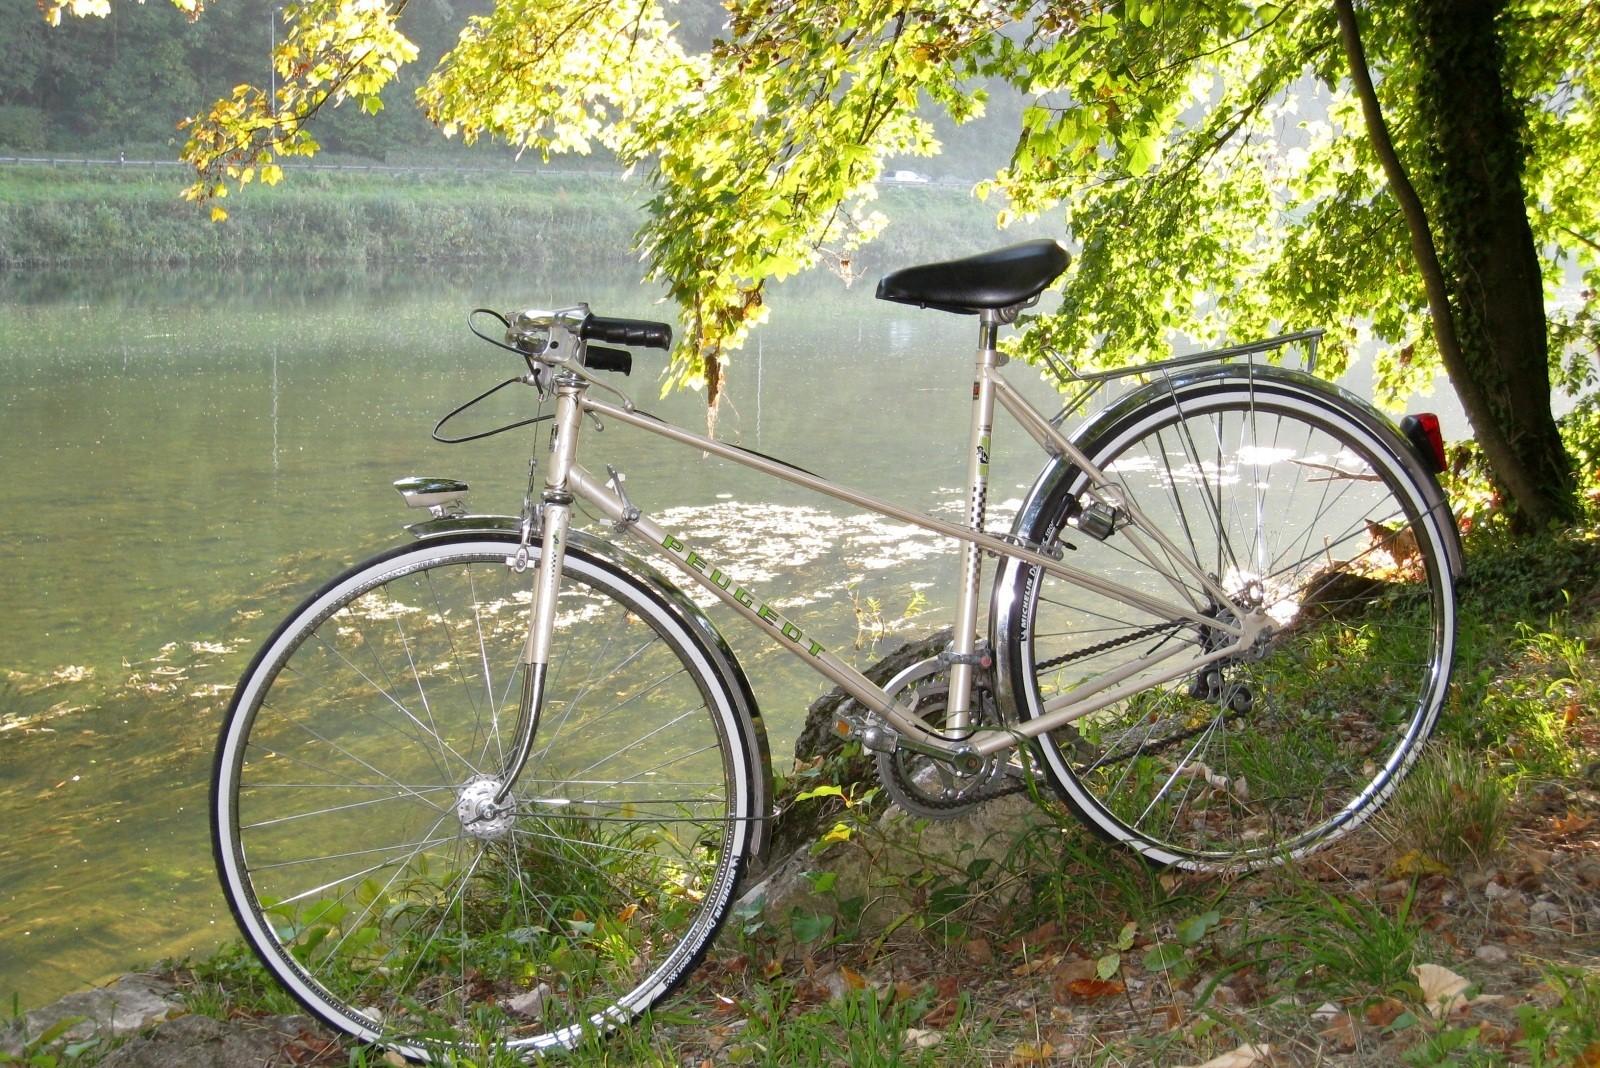 Prêt de VTT pour visiter le Pays de Bergerac. Free mountain bike to visit Bergerac